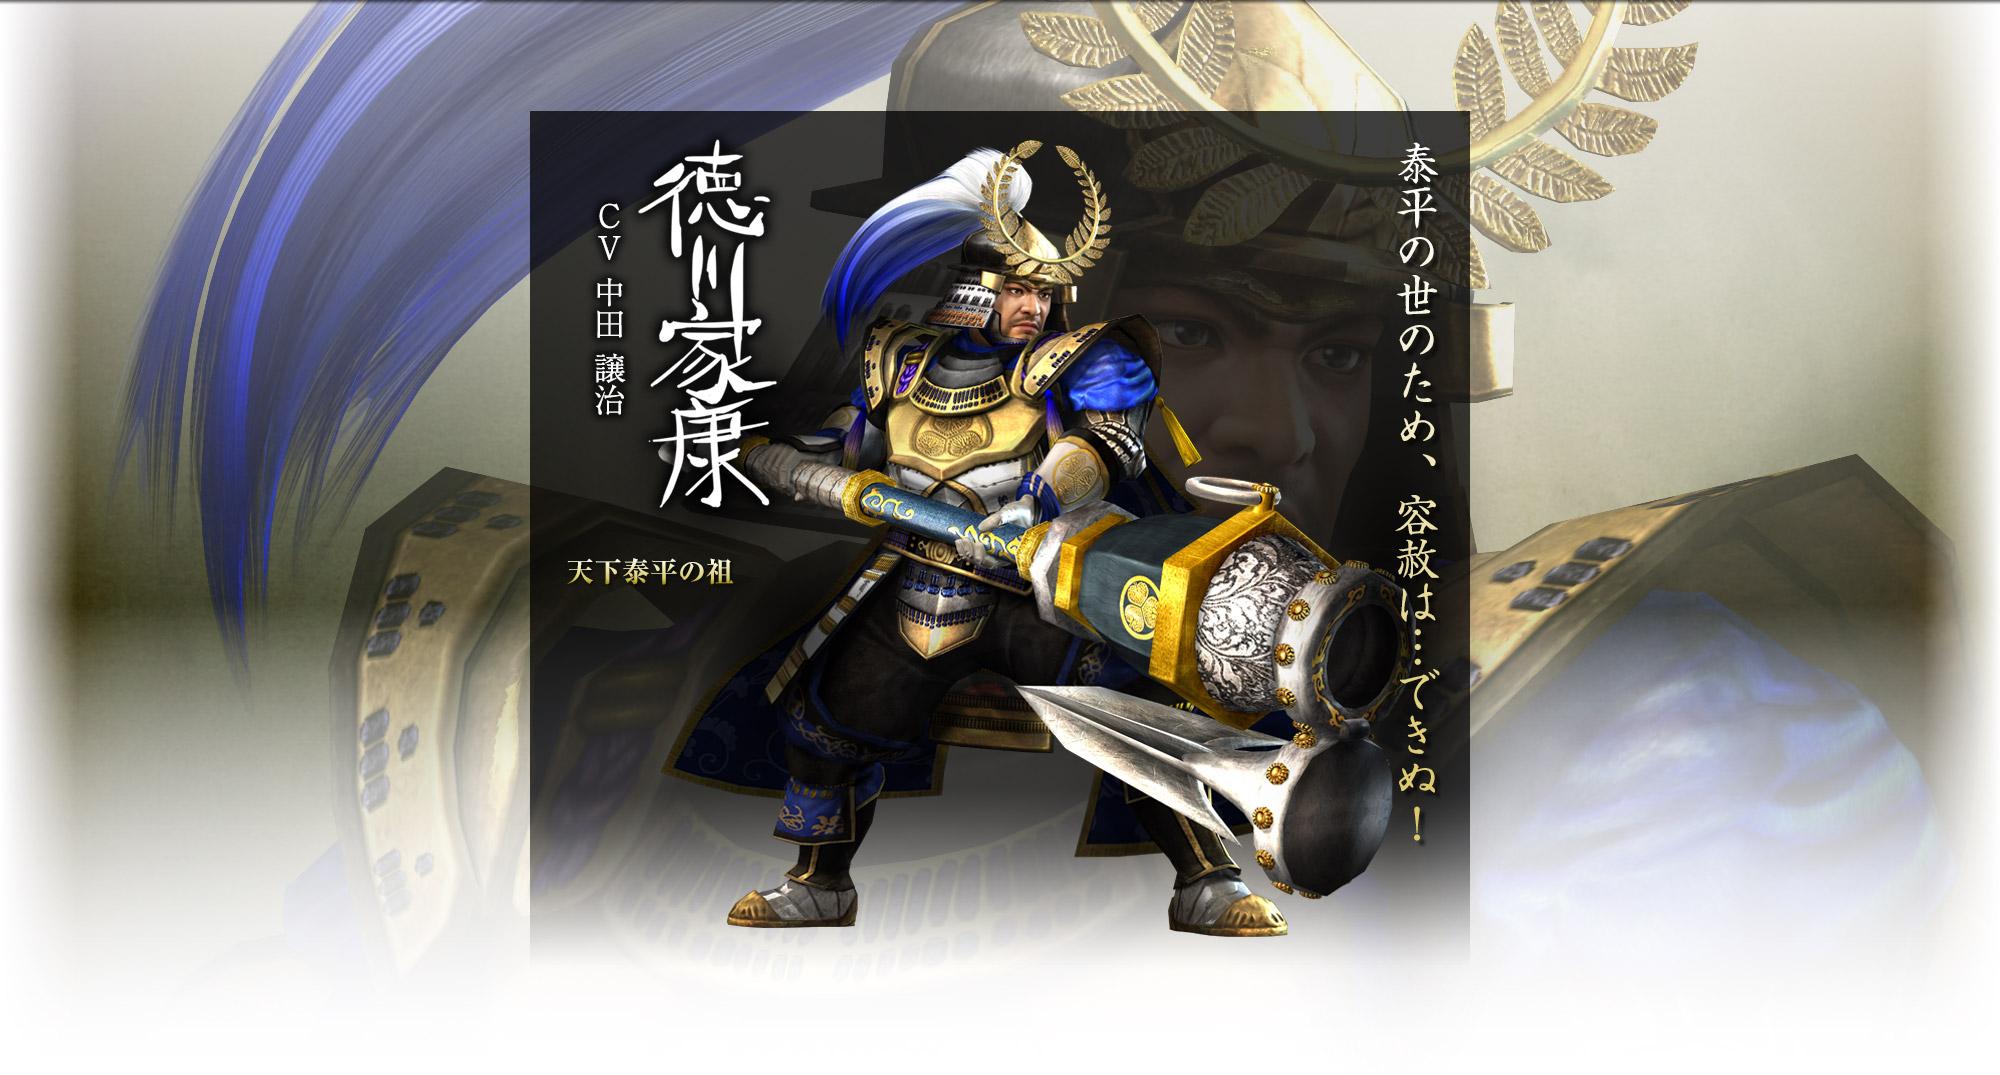 https://www.gamecity.ne.jp/sengoku4/chara/ieyasu.jpg